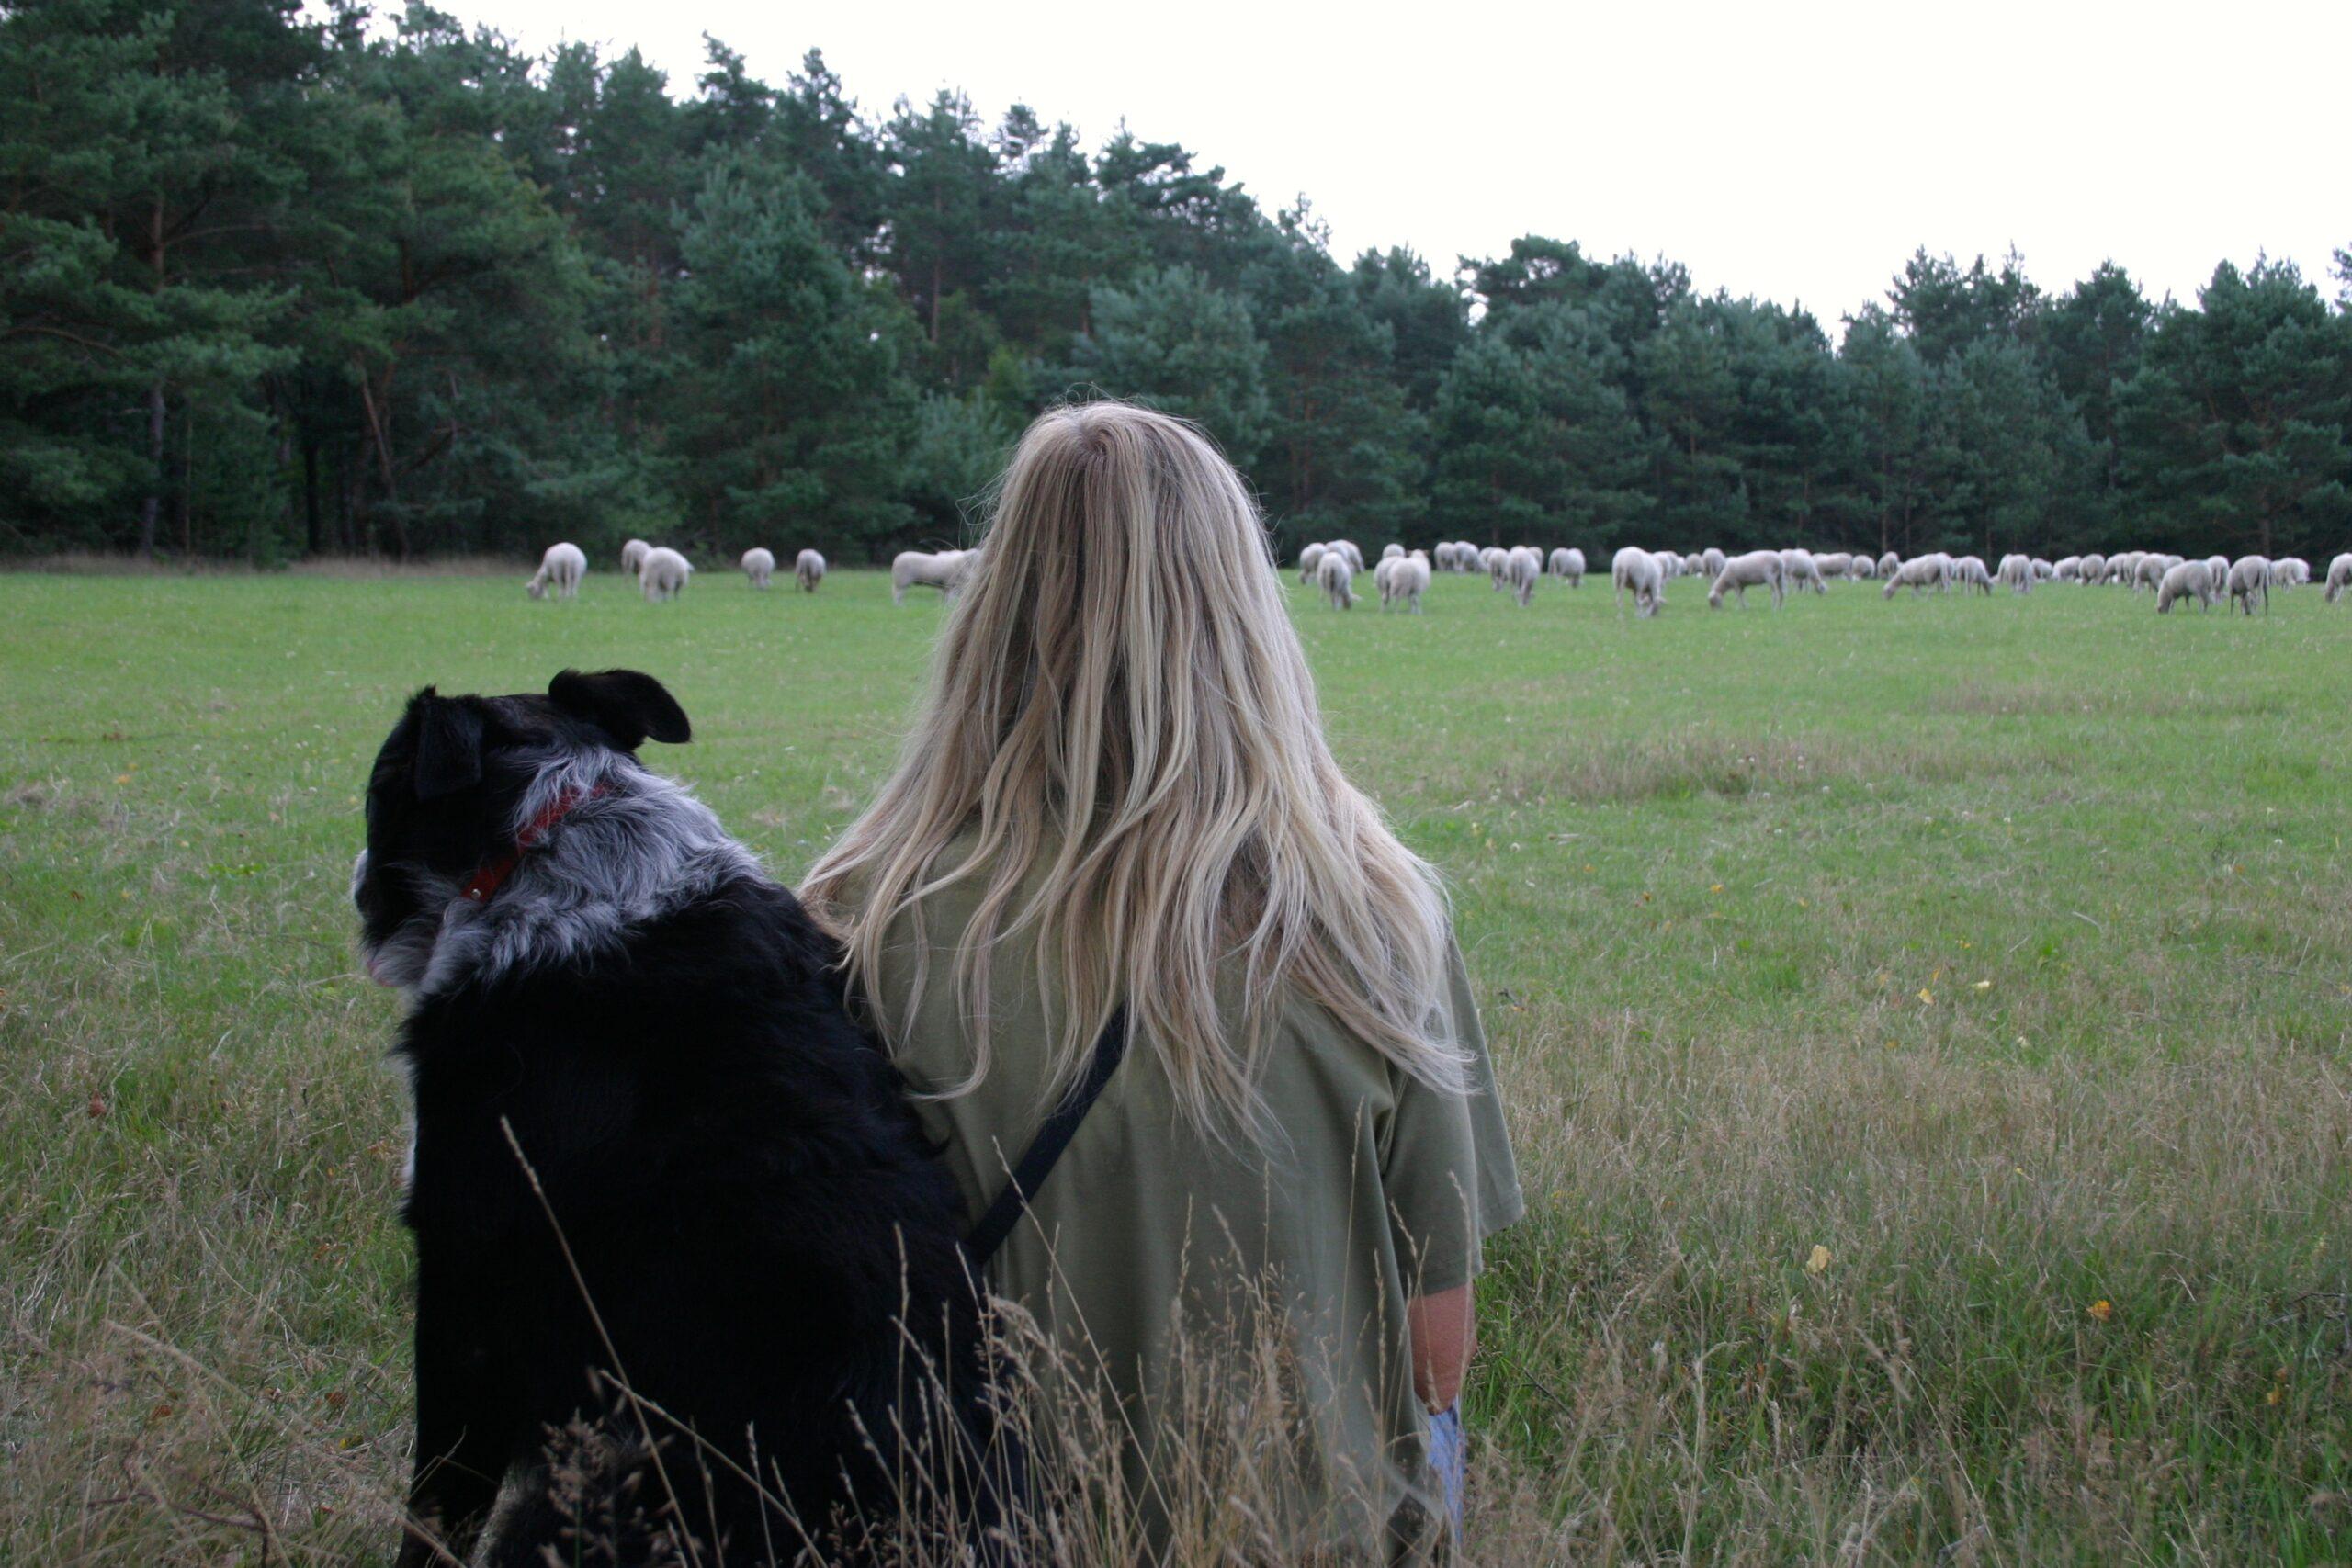 Kijkend naar de schapen die rustig grazen.